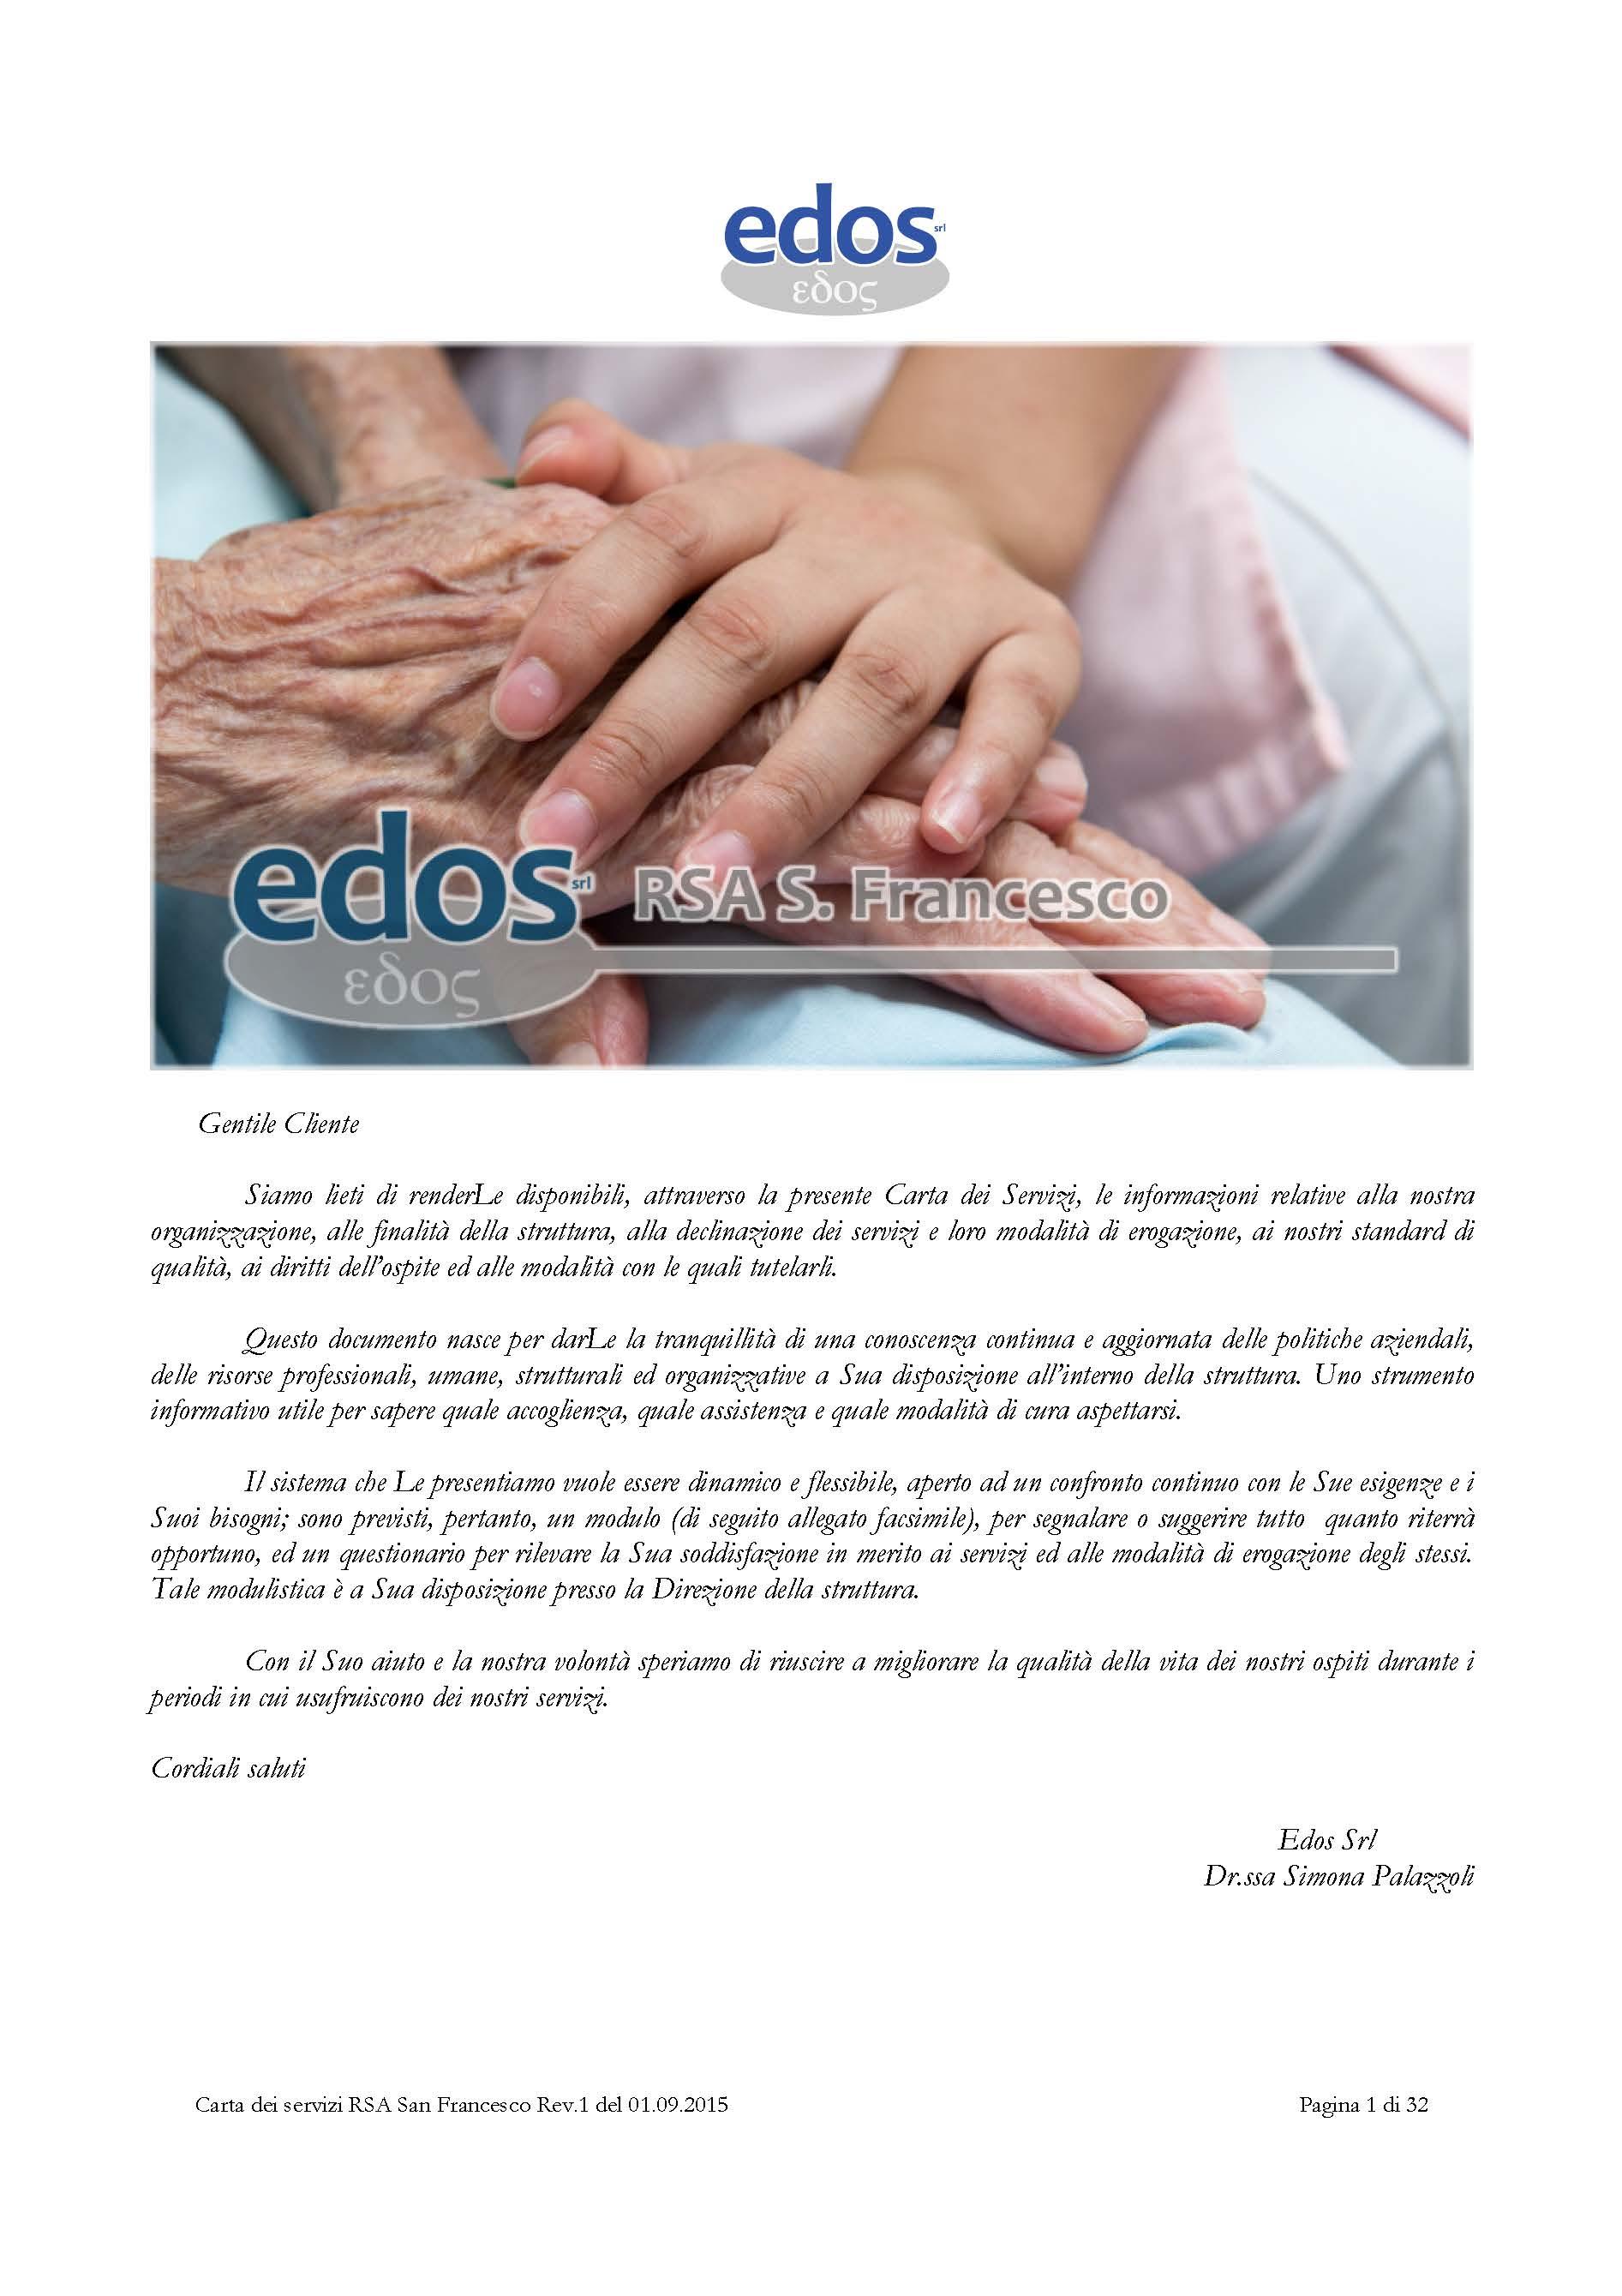 Scarica sul nostro sito web la Carta dei Servizi della Residenza per Anziani San Francesco